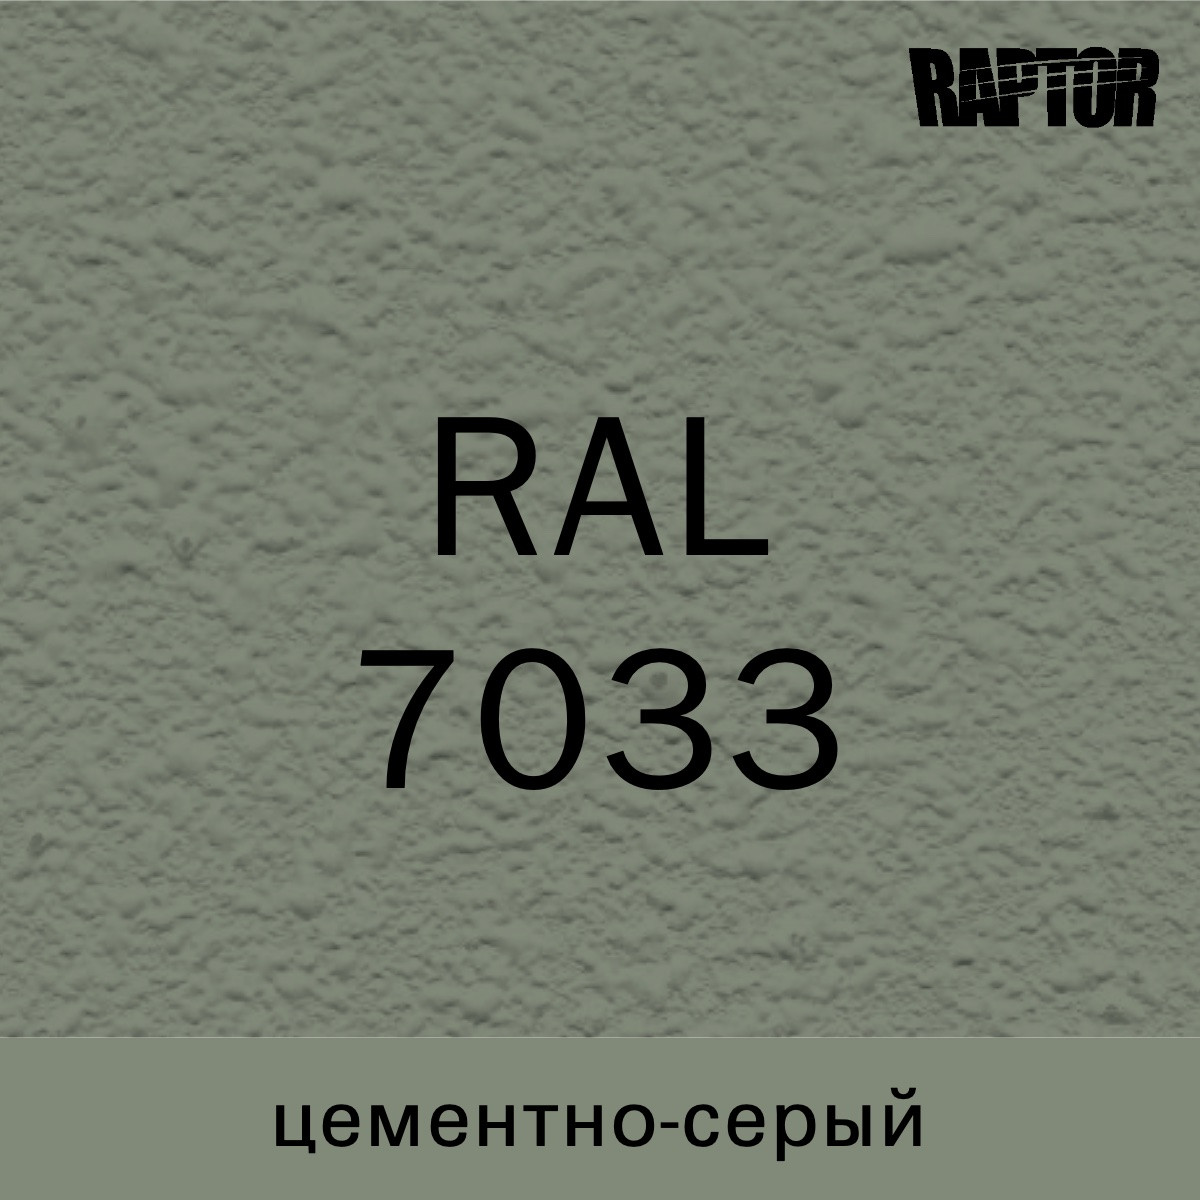 Пигмент для колеровки покрытия RAPTOR™ Цементно-серый (RAL 7033)